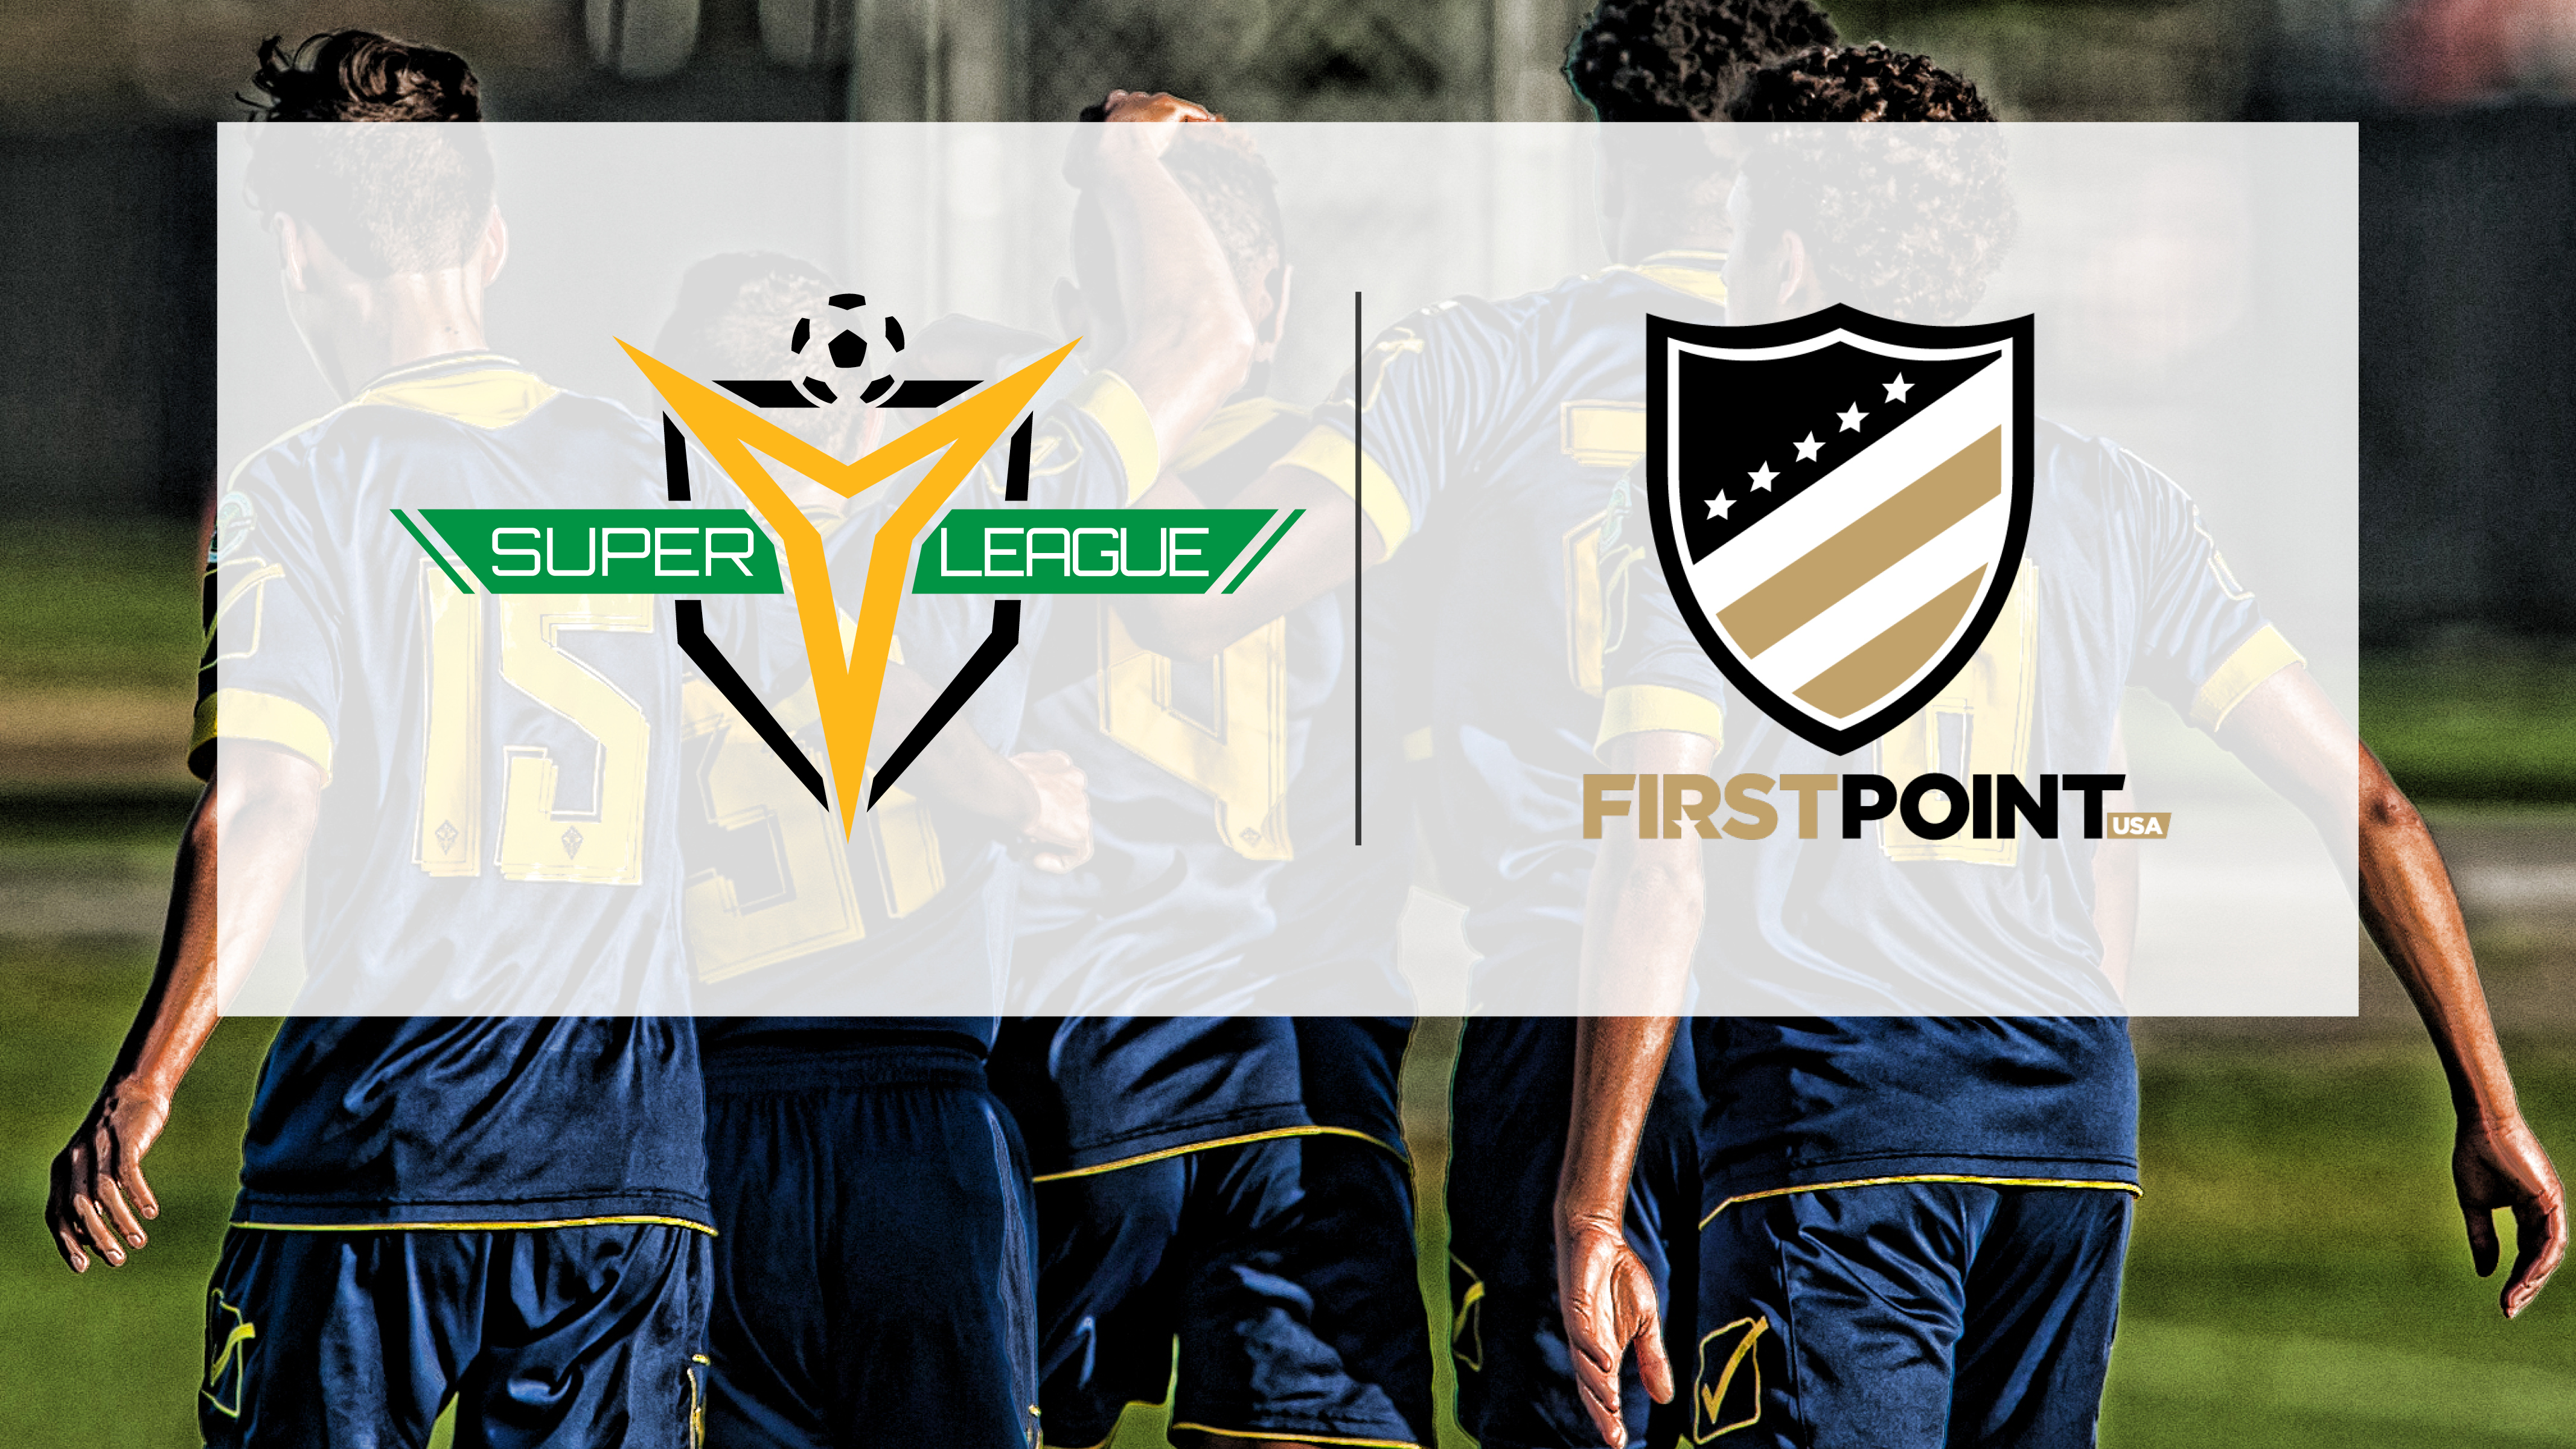 f2e97da4e28 FirstPoint USA Named Official Soccer Scholarship Partner of SYL